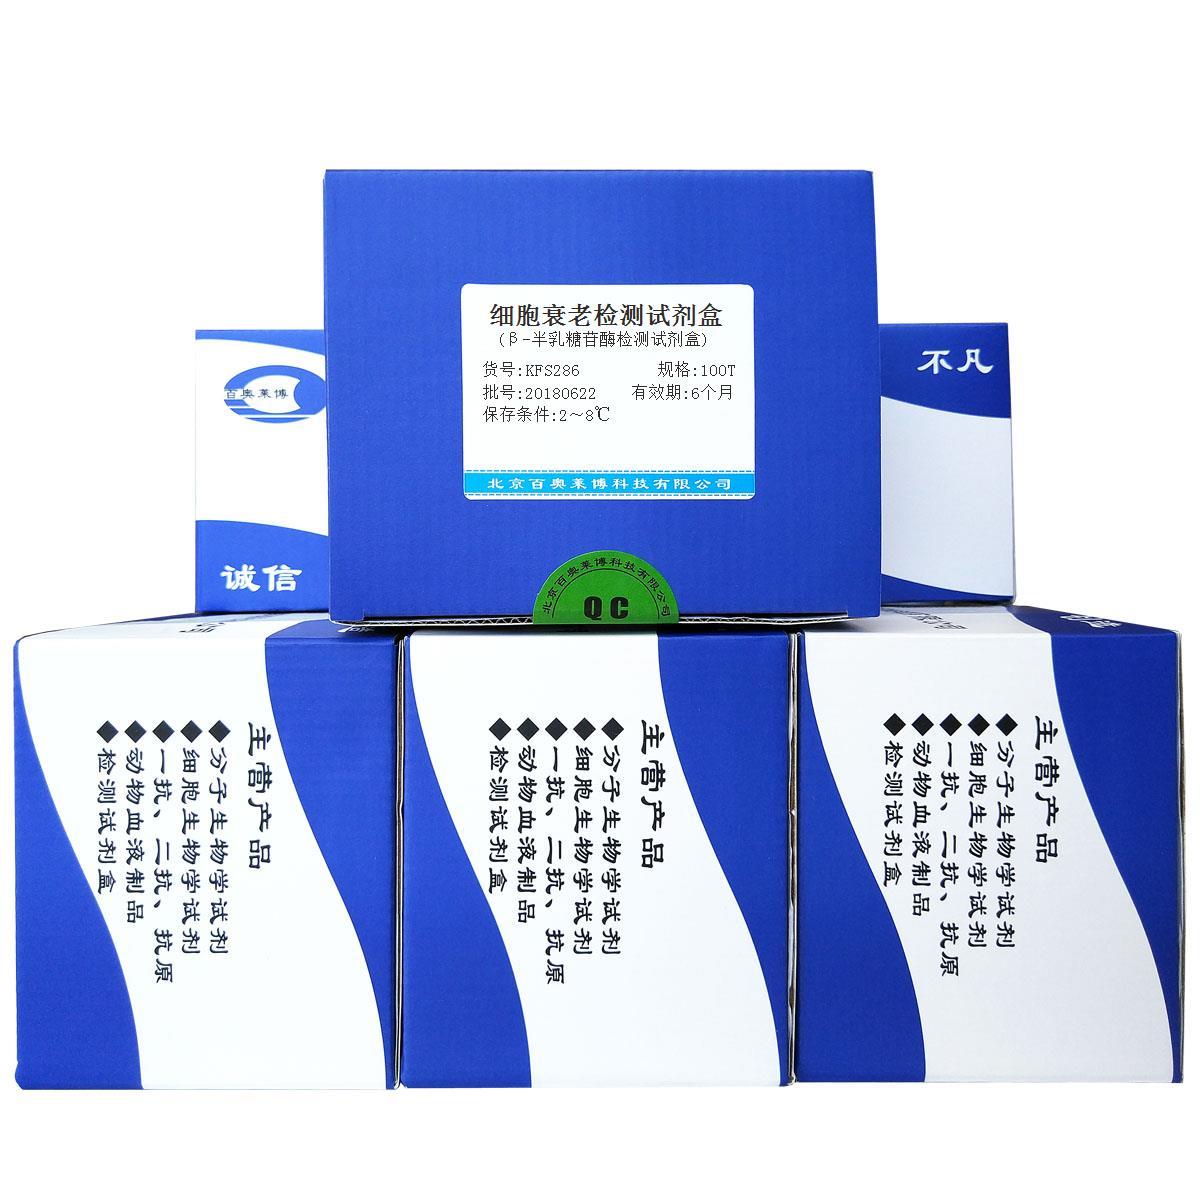 北京现货细胞衰老检测试剂盒(β-半乳糖苷酶检测试剂盒)销售